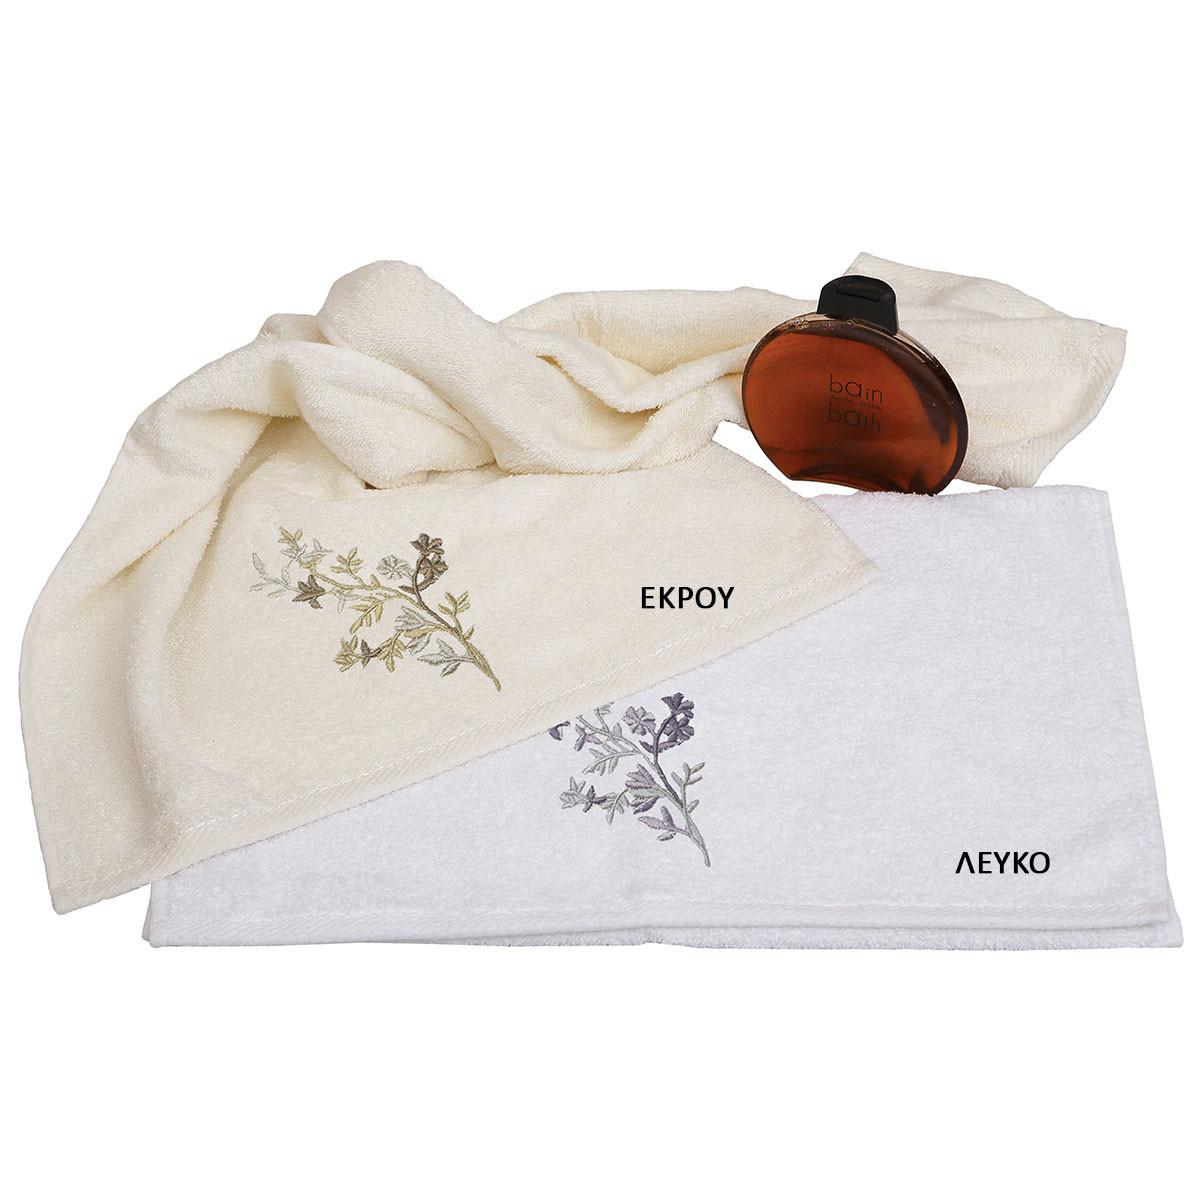 Πετσέτες Μπάνιου (Σετ 2τμχ) Viopros Bath Ideas Σχ 37 home   μπάνιο   πετσέτες μπάνιου